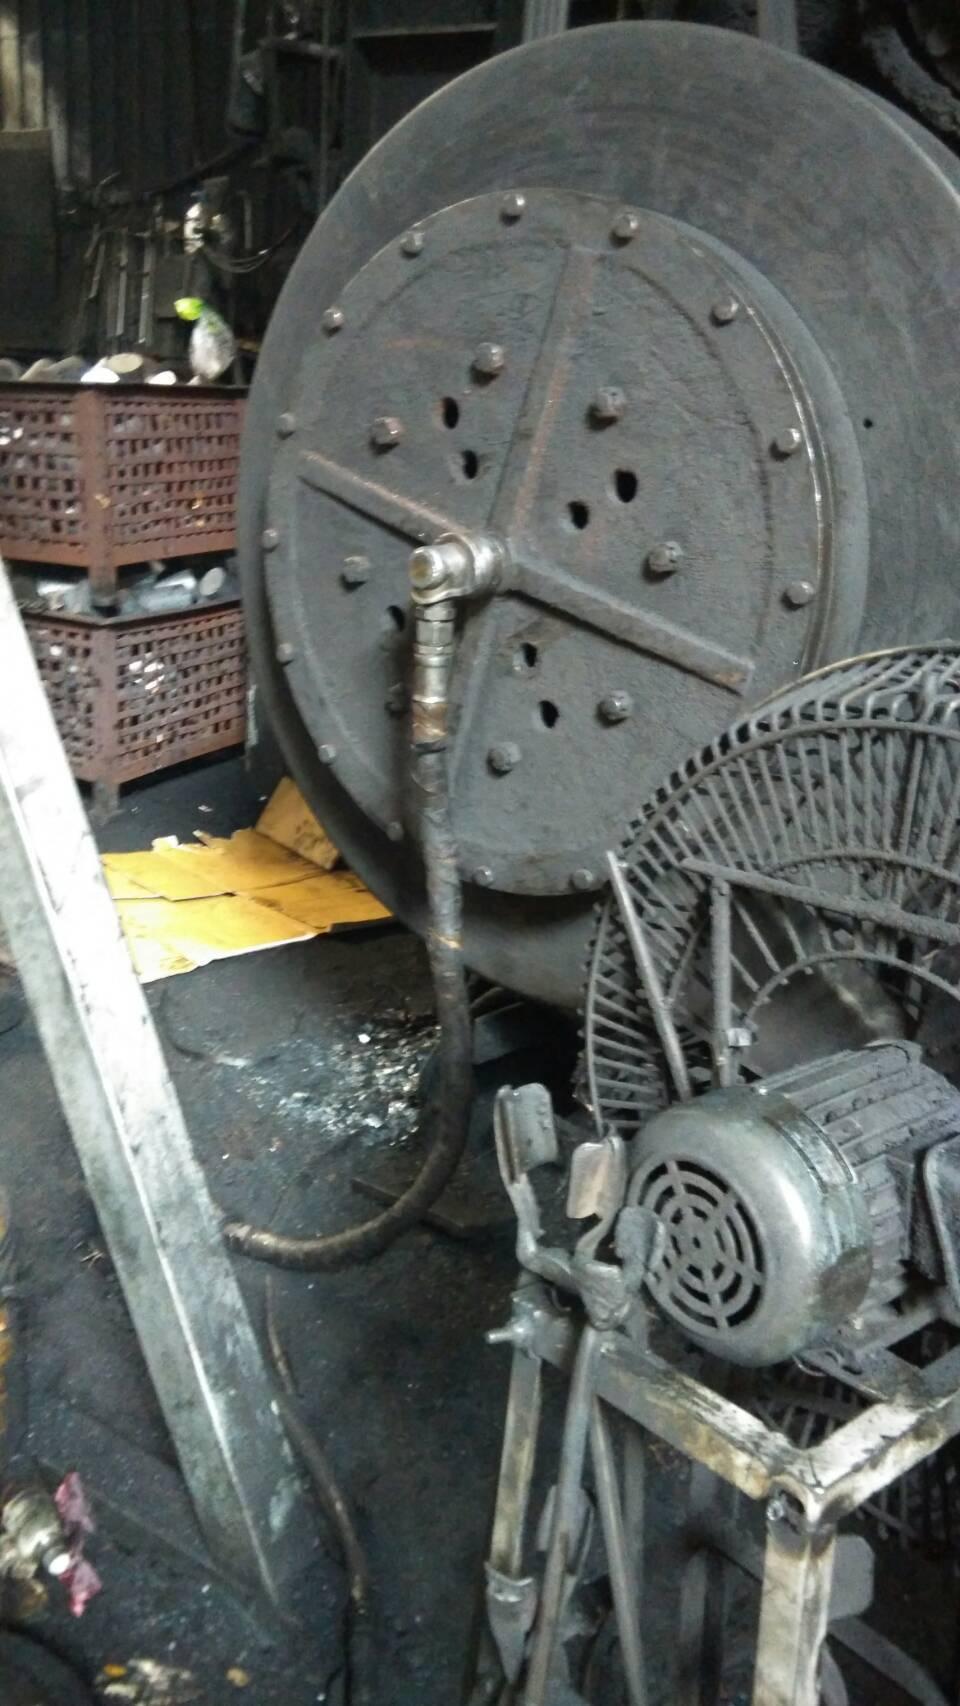 台中市大里工業區一家鍛造工廠的大型氣動式鍛造機台突然漏氣,數公斤重的鋼製接頭鬆脫...